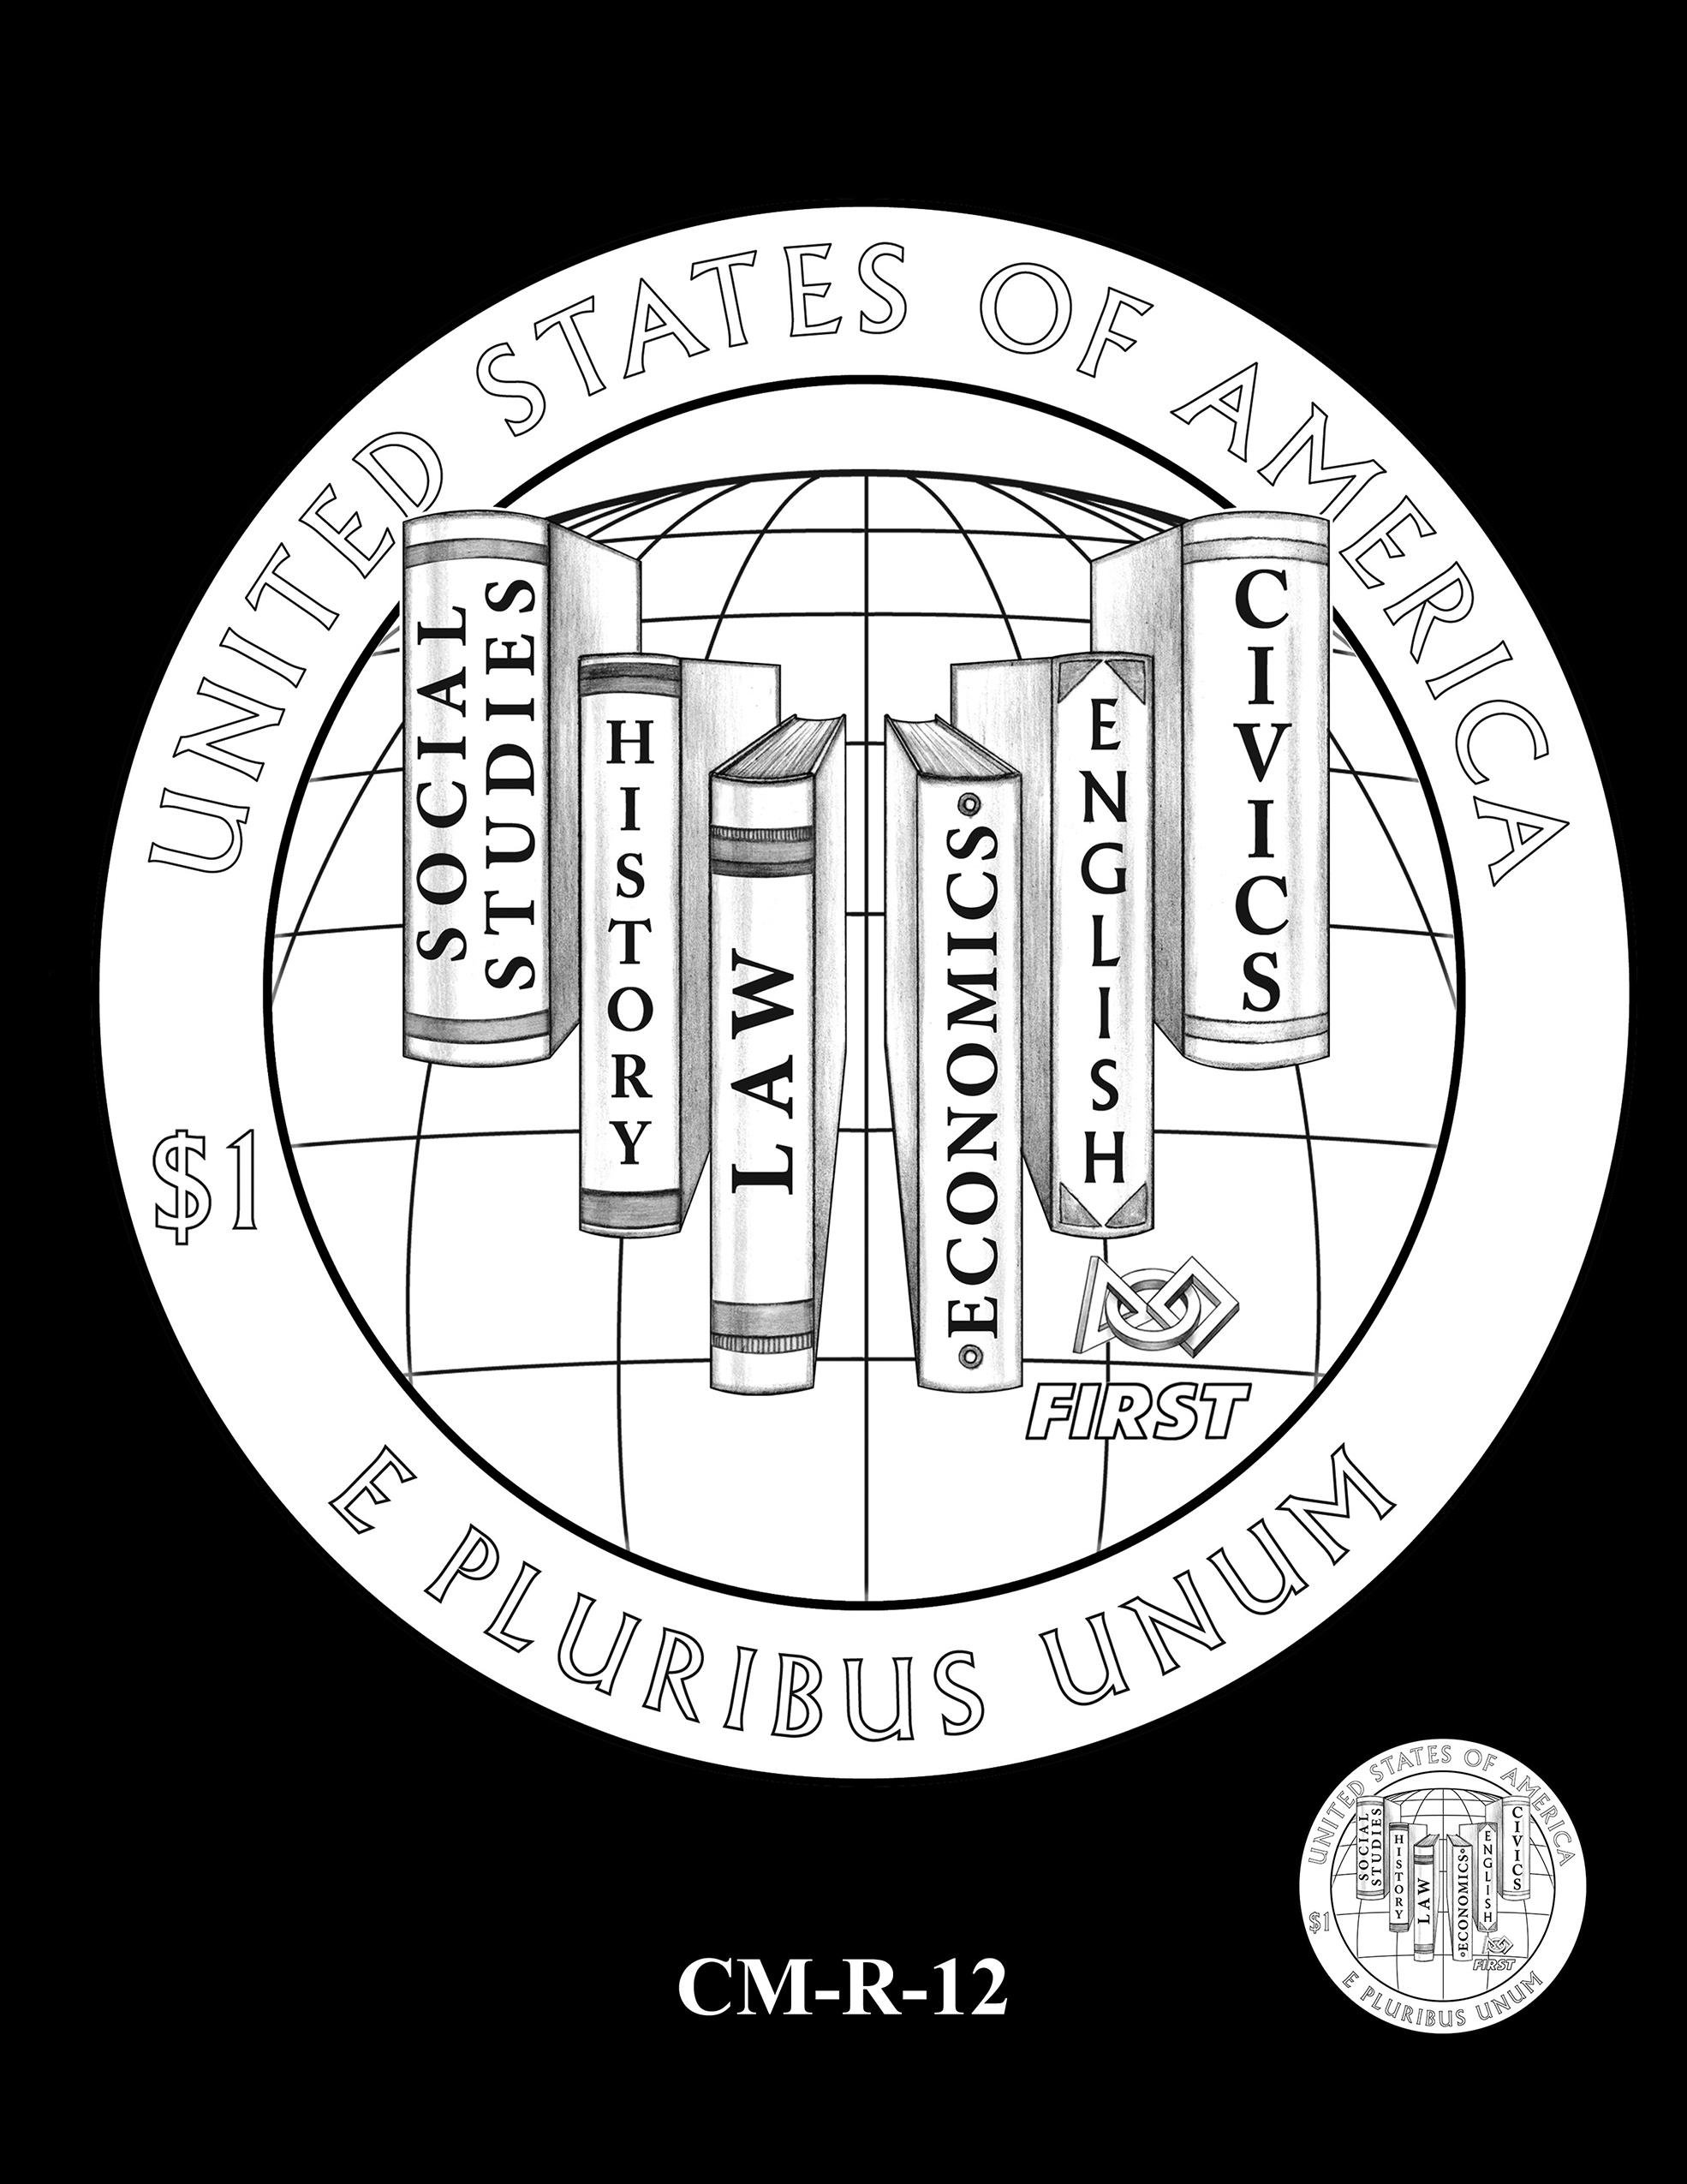 CM-R-12 -- 2021 Christa McAuliffe Commemorative Coin